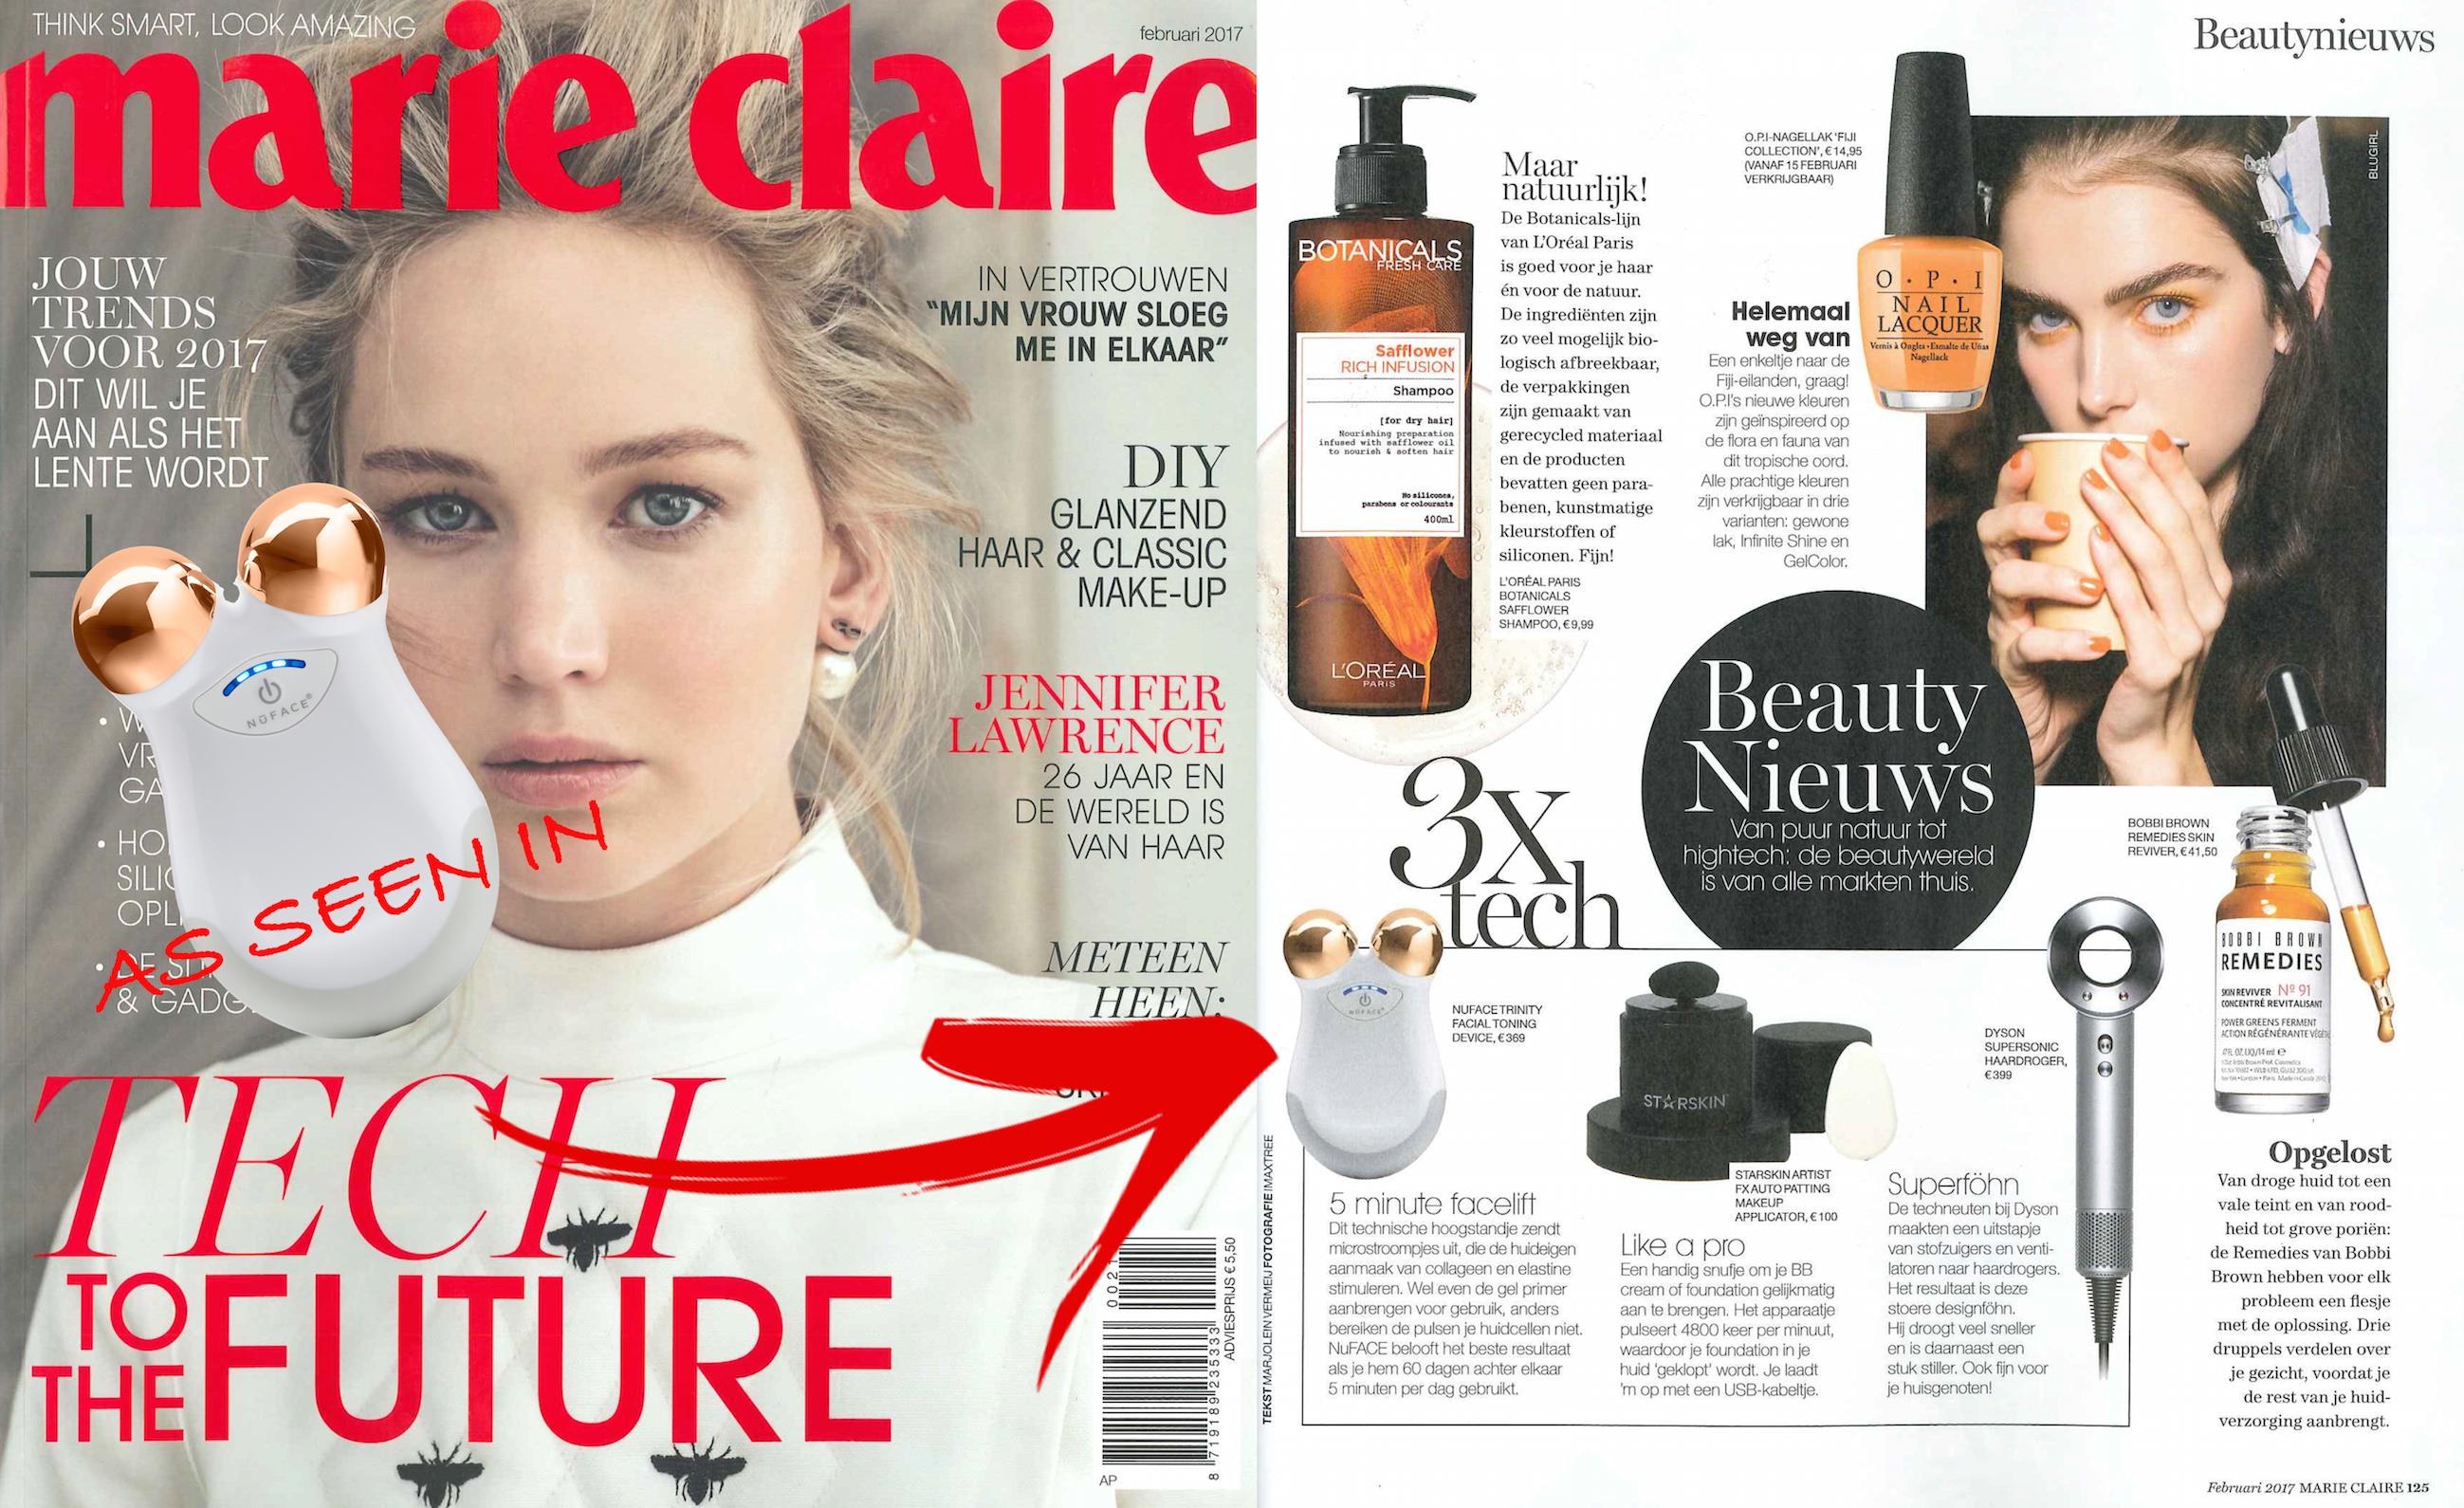 Marie Claire februari 2017